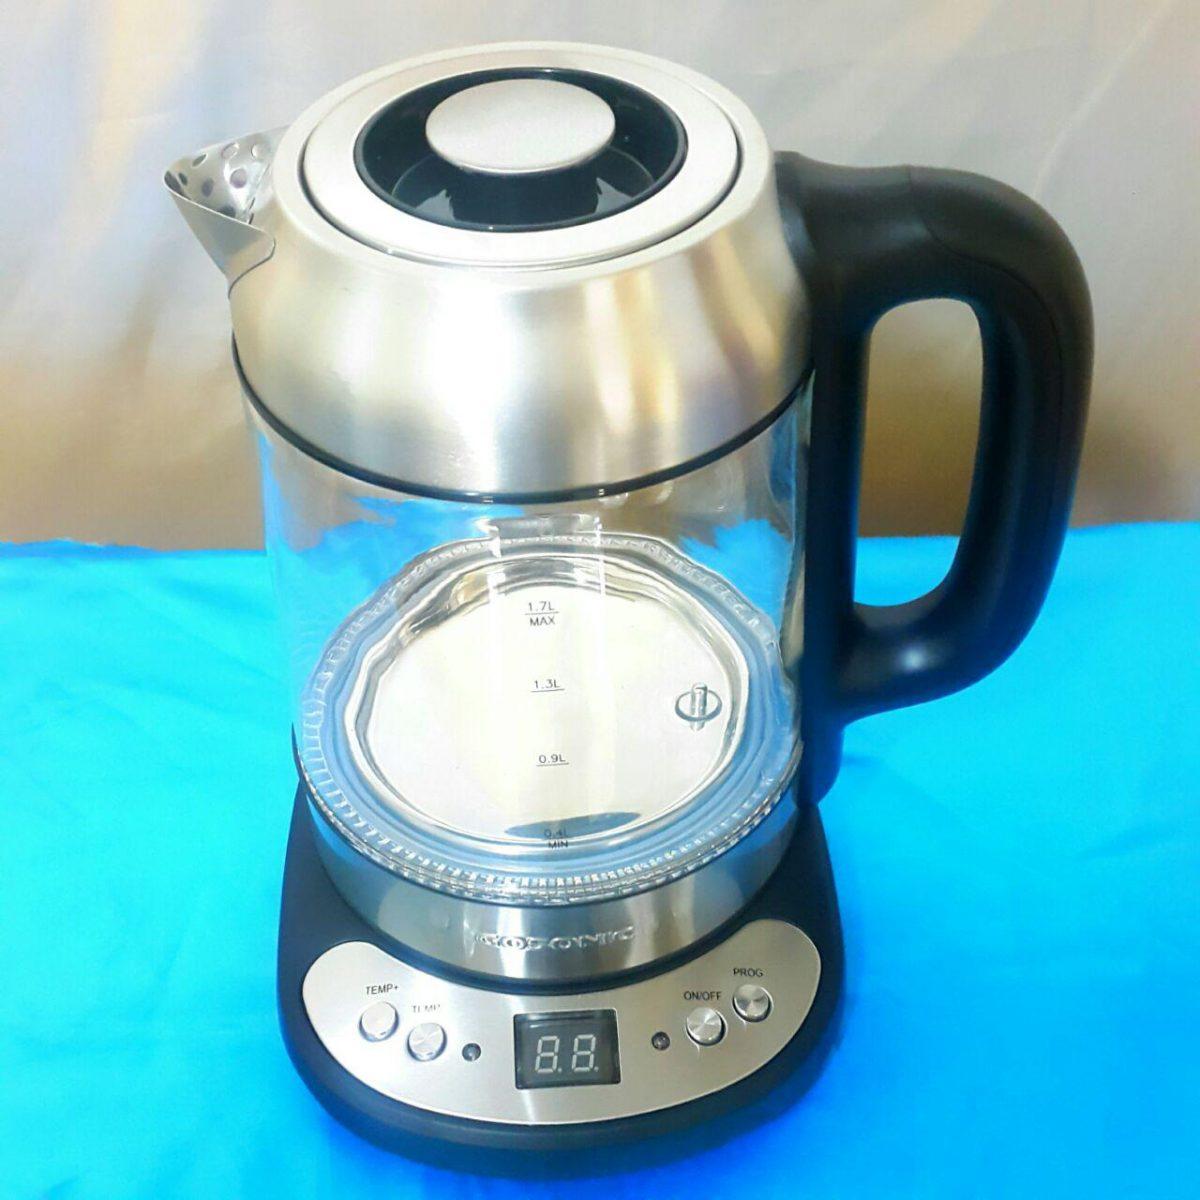 پاپ کالا,پاپکالا,باب کالا,بابکالا,papkala,pap kala,چای ساز,چایی ساز,چایساز,چای ساز گوسونیک GOSONIC مدل 768